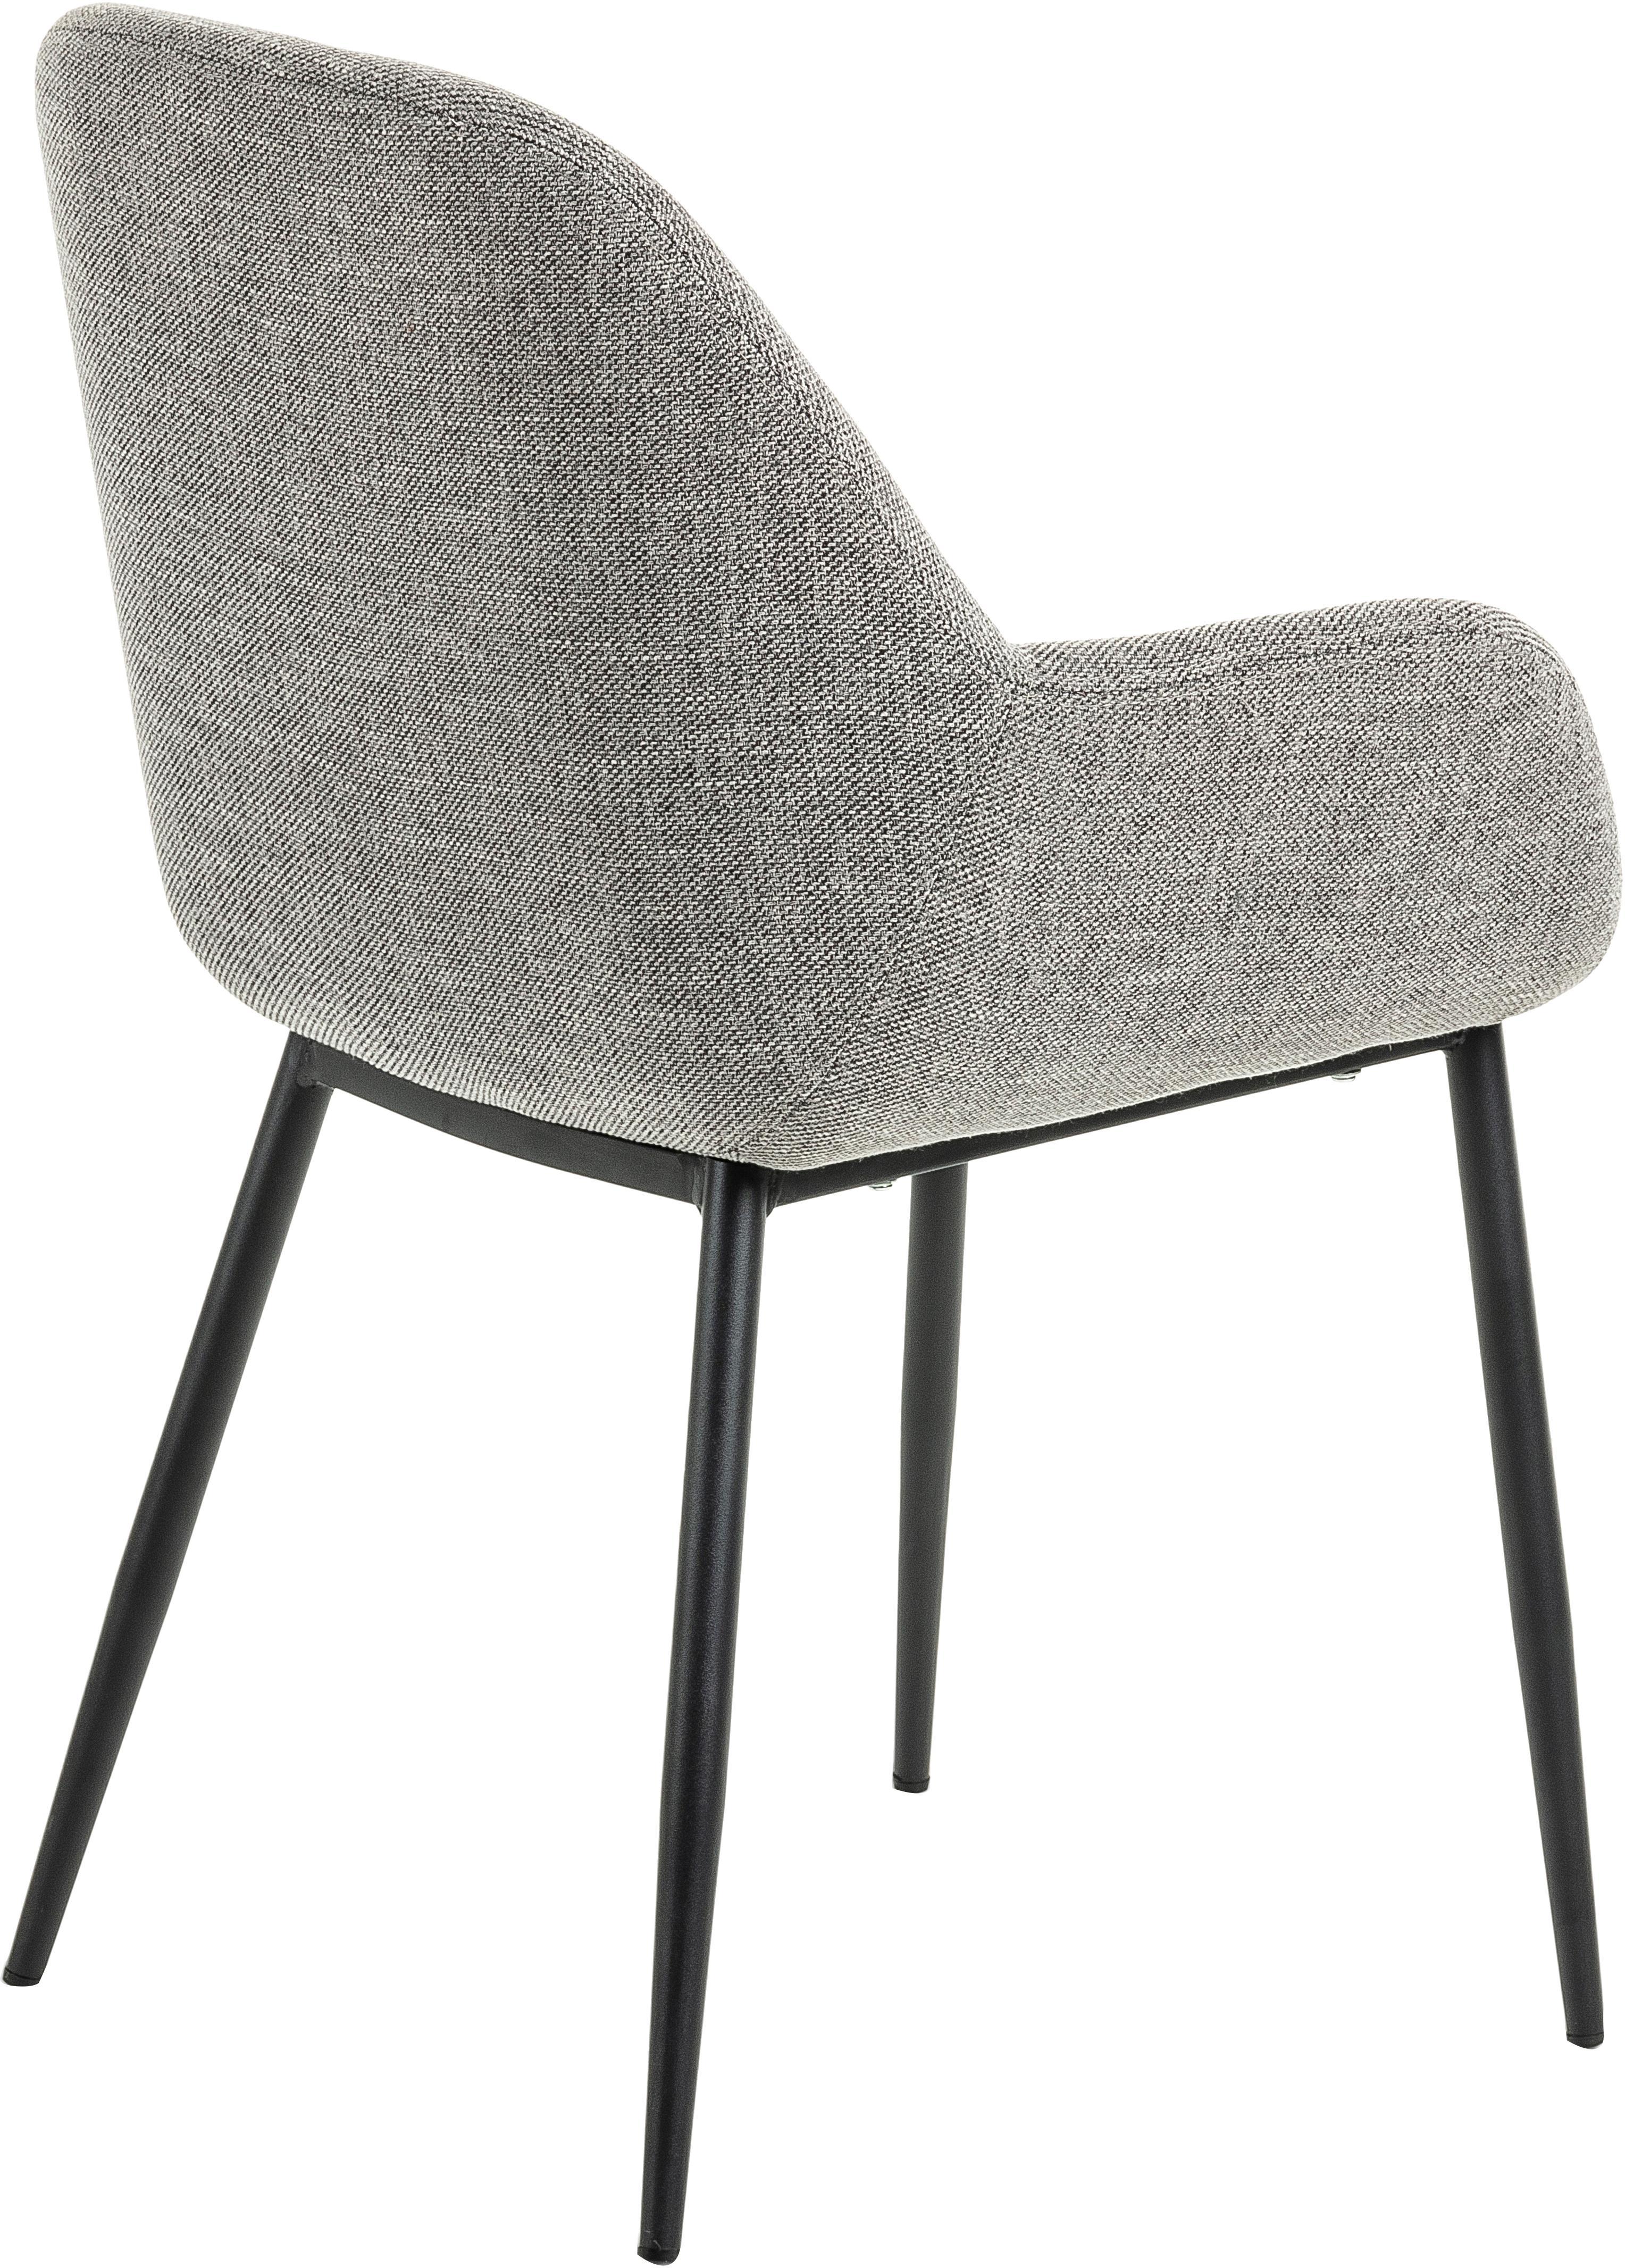 Sedia con braccioli Kona 2 pz, Rivestimento: poliestere 50.000 cicli d, Gambe: metallo verniciato, Rivestimento: grigio Piedini: nero, Larg. 59 x Alt. 56 cm